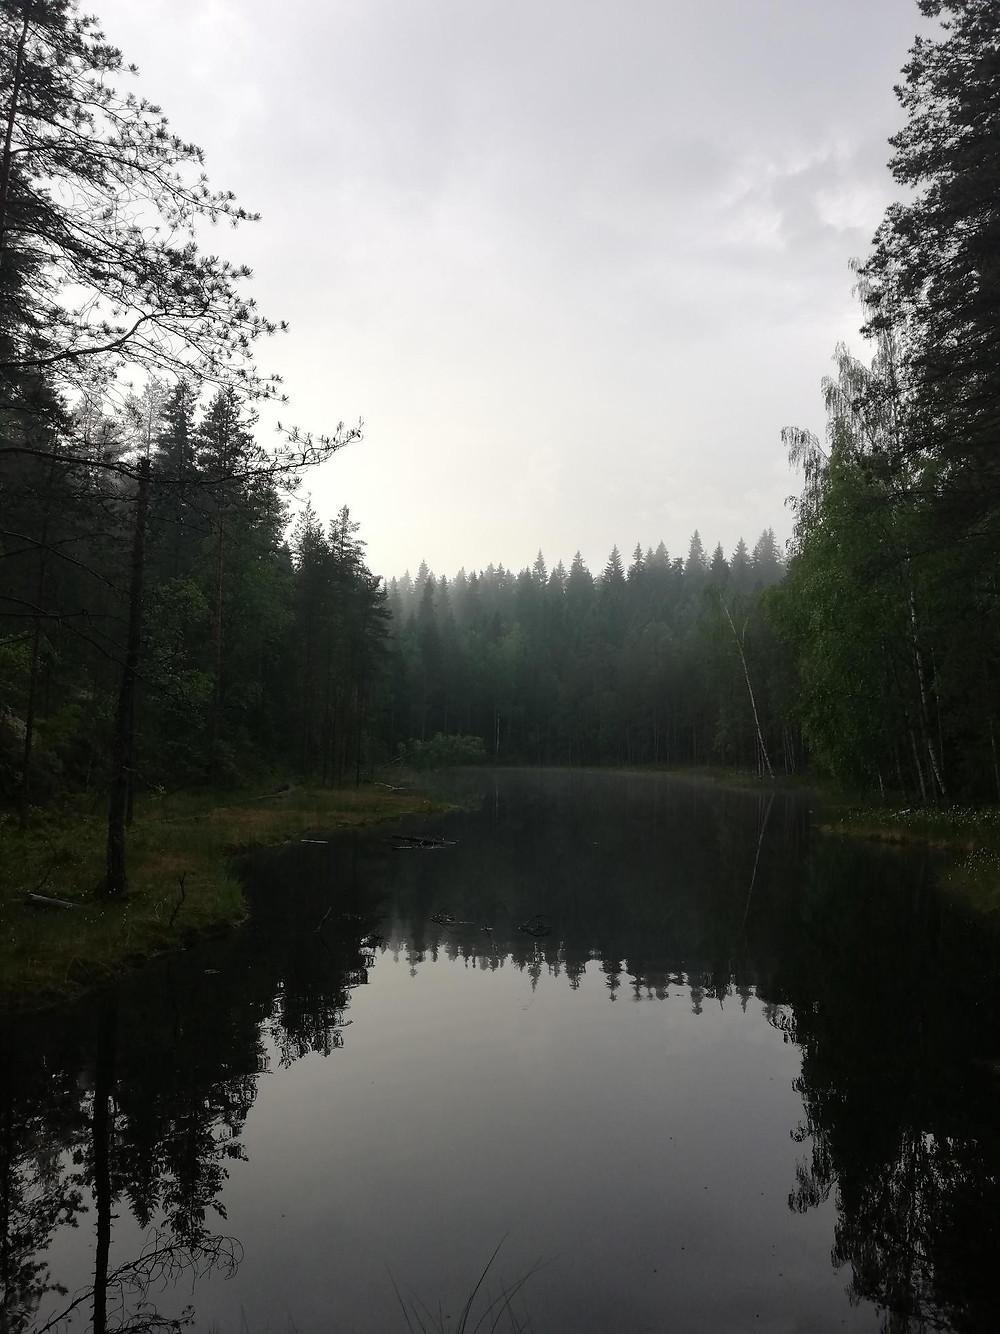 Kuva suomalaisesta havumetsästä. Kuvan keskellä on lampi, jonka ympärillä havupuut kurkottavat kohti taivasta.